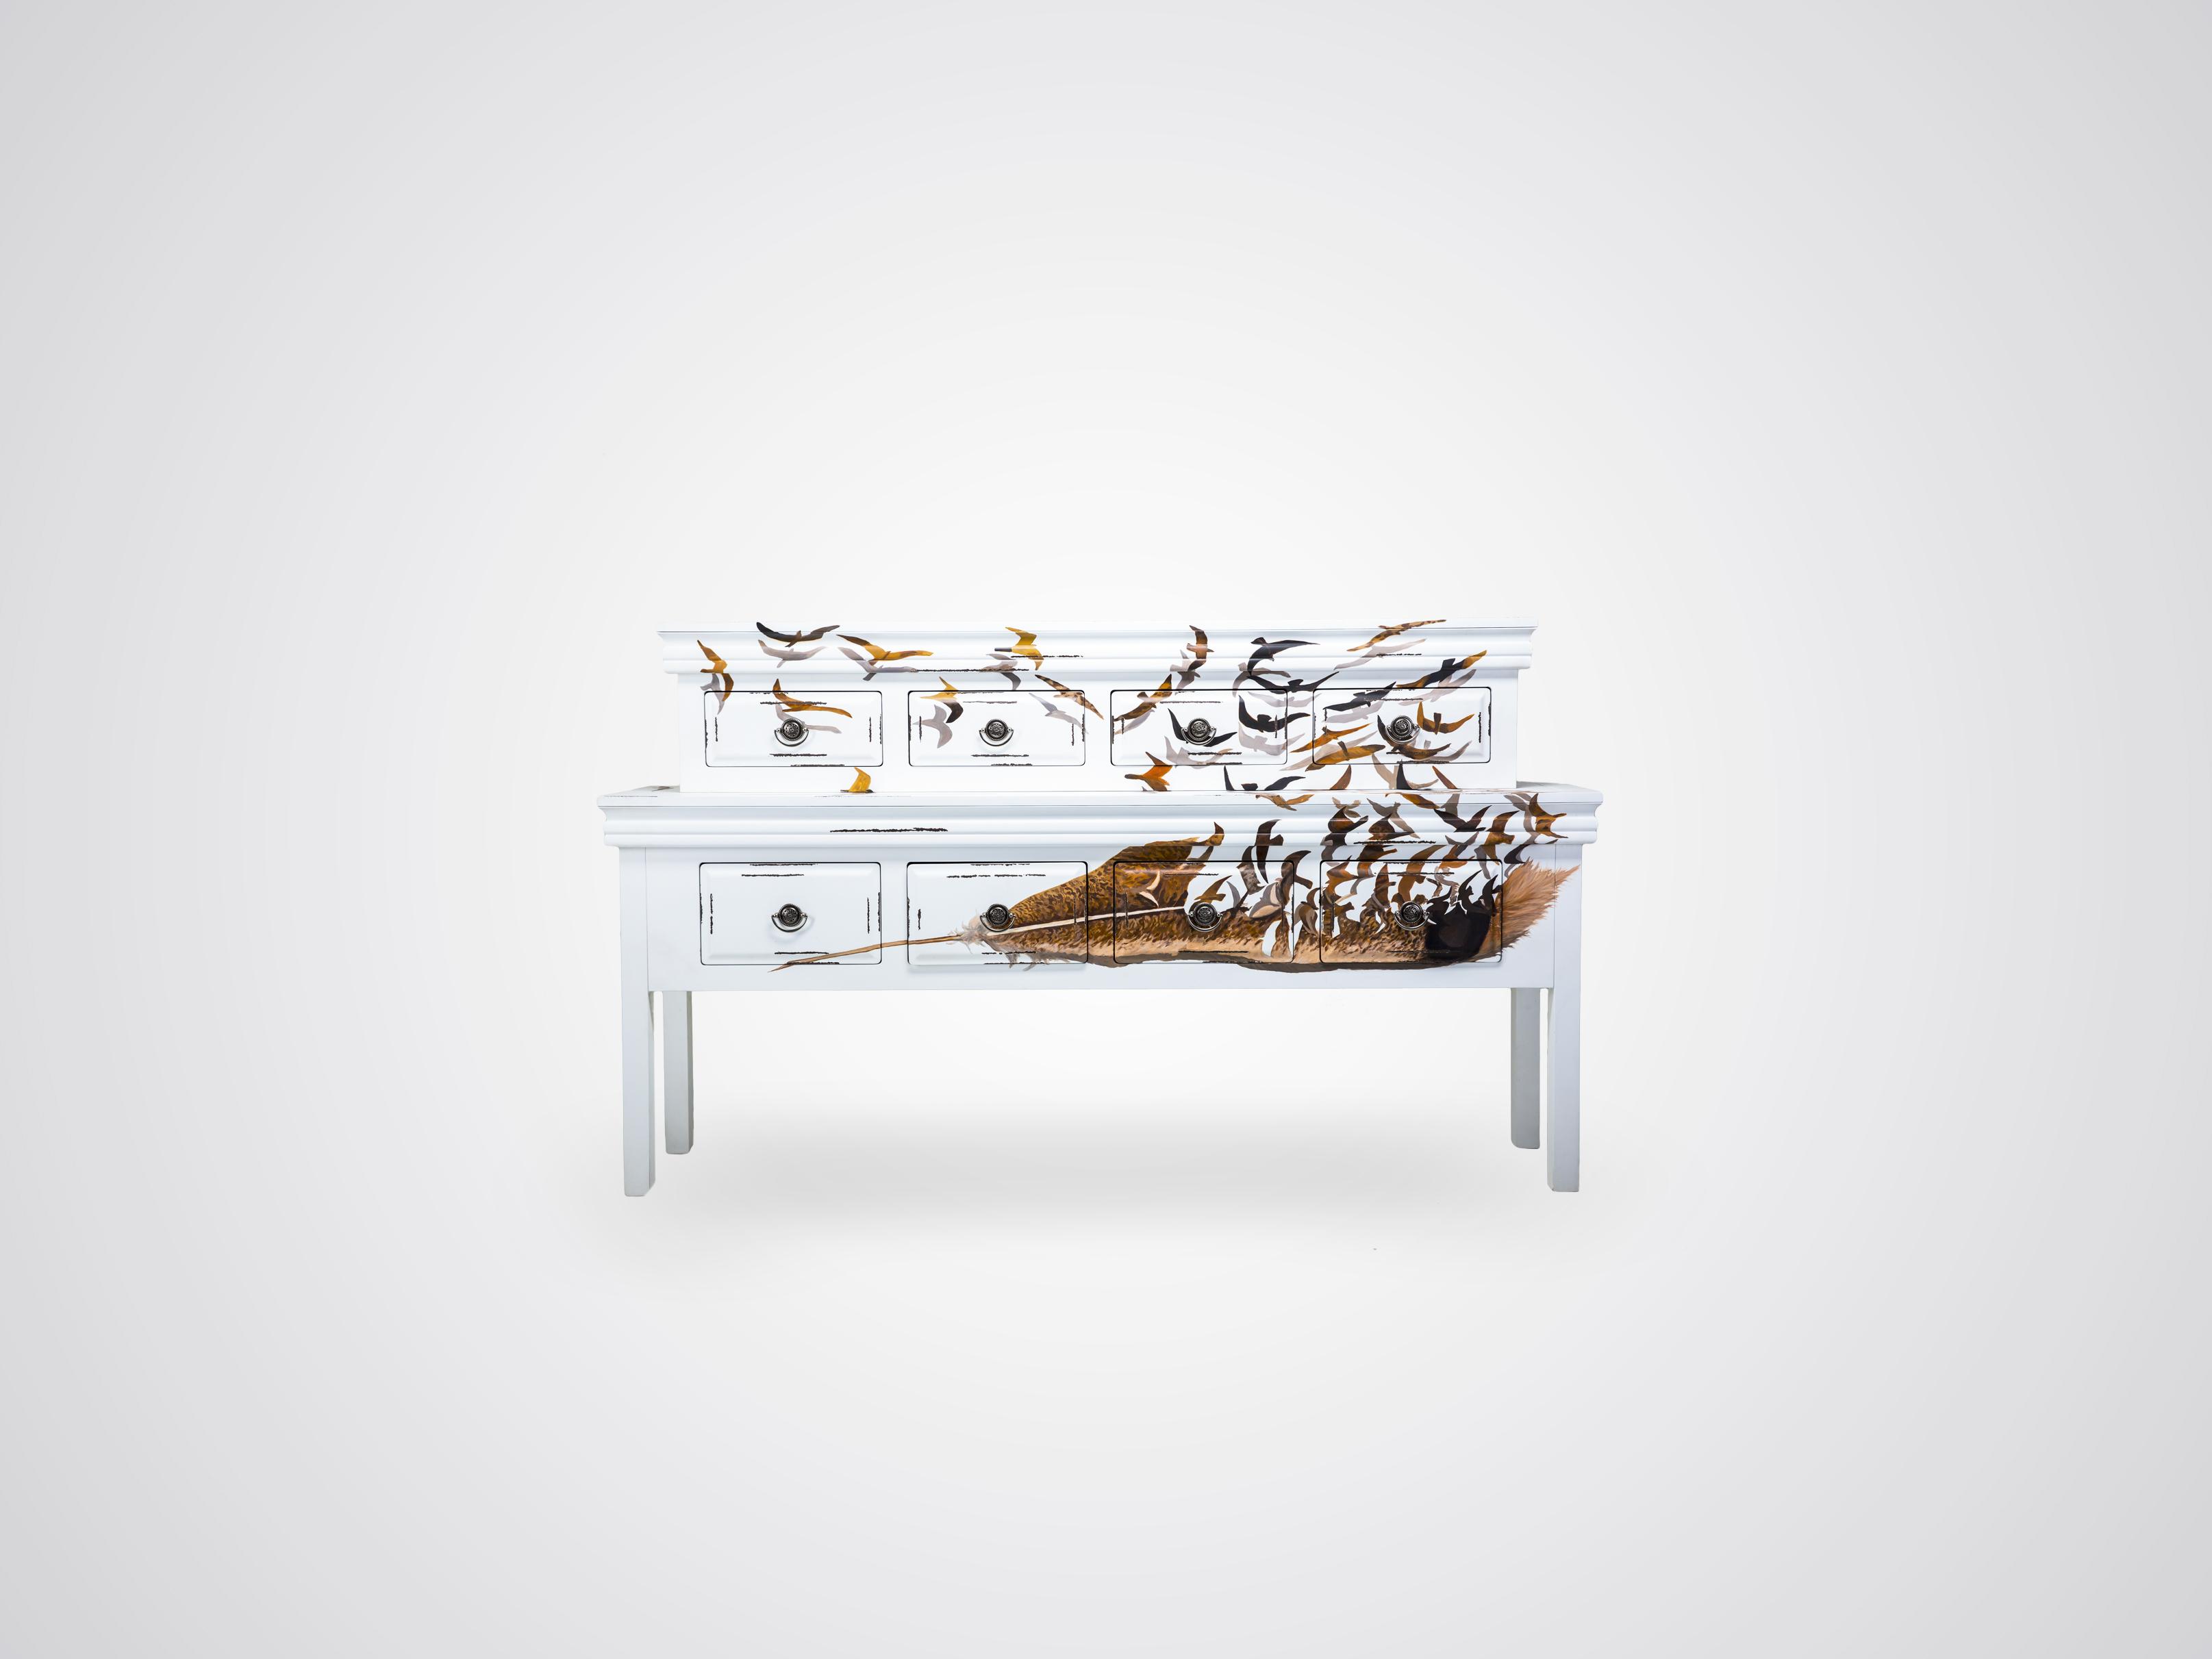 Купить Консоль-буфет «перо» из дерева махагони 191х111х40 см, inmyroom, Россия